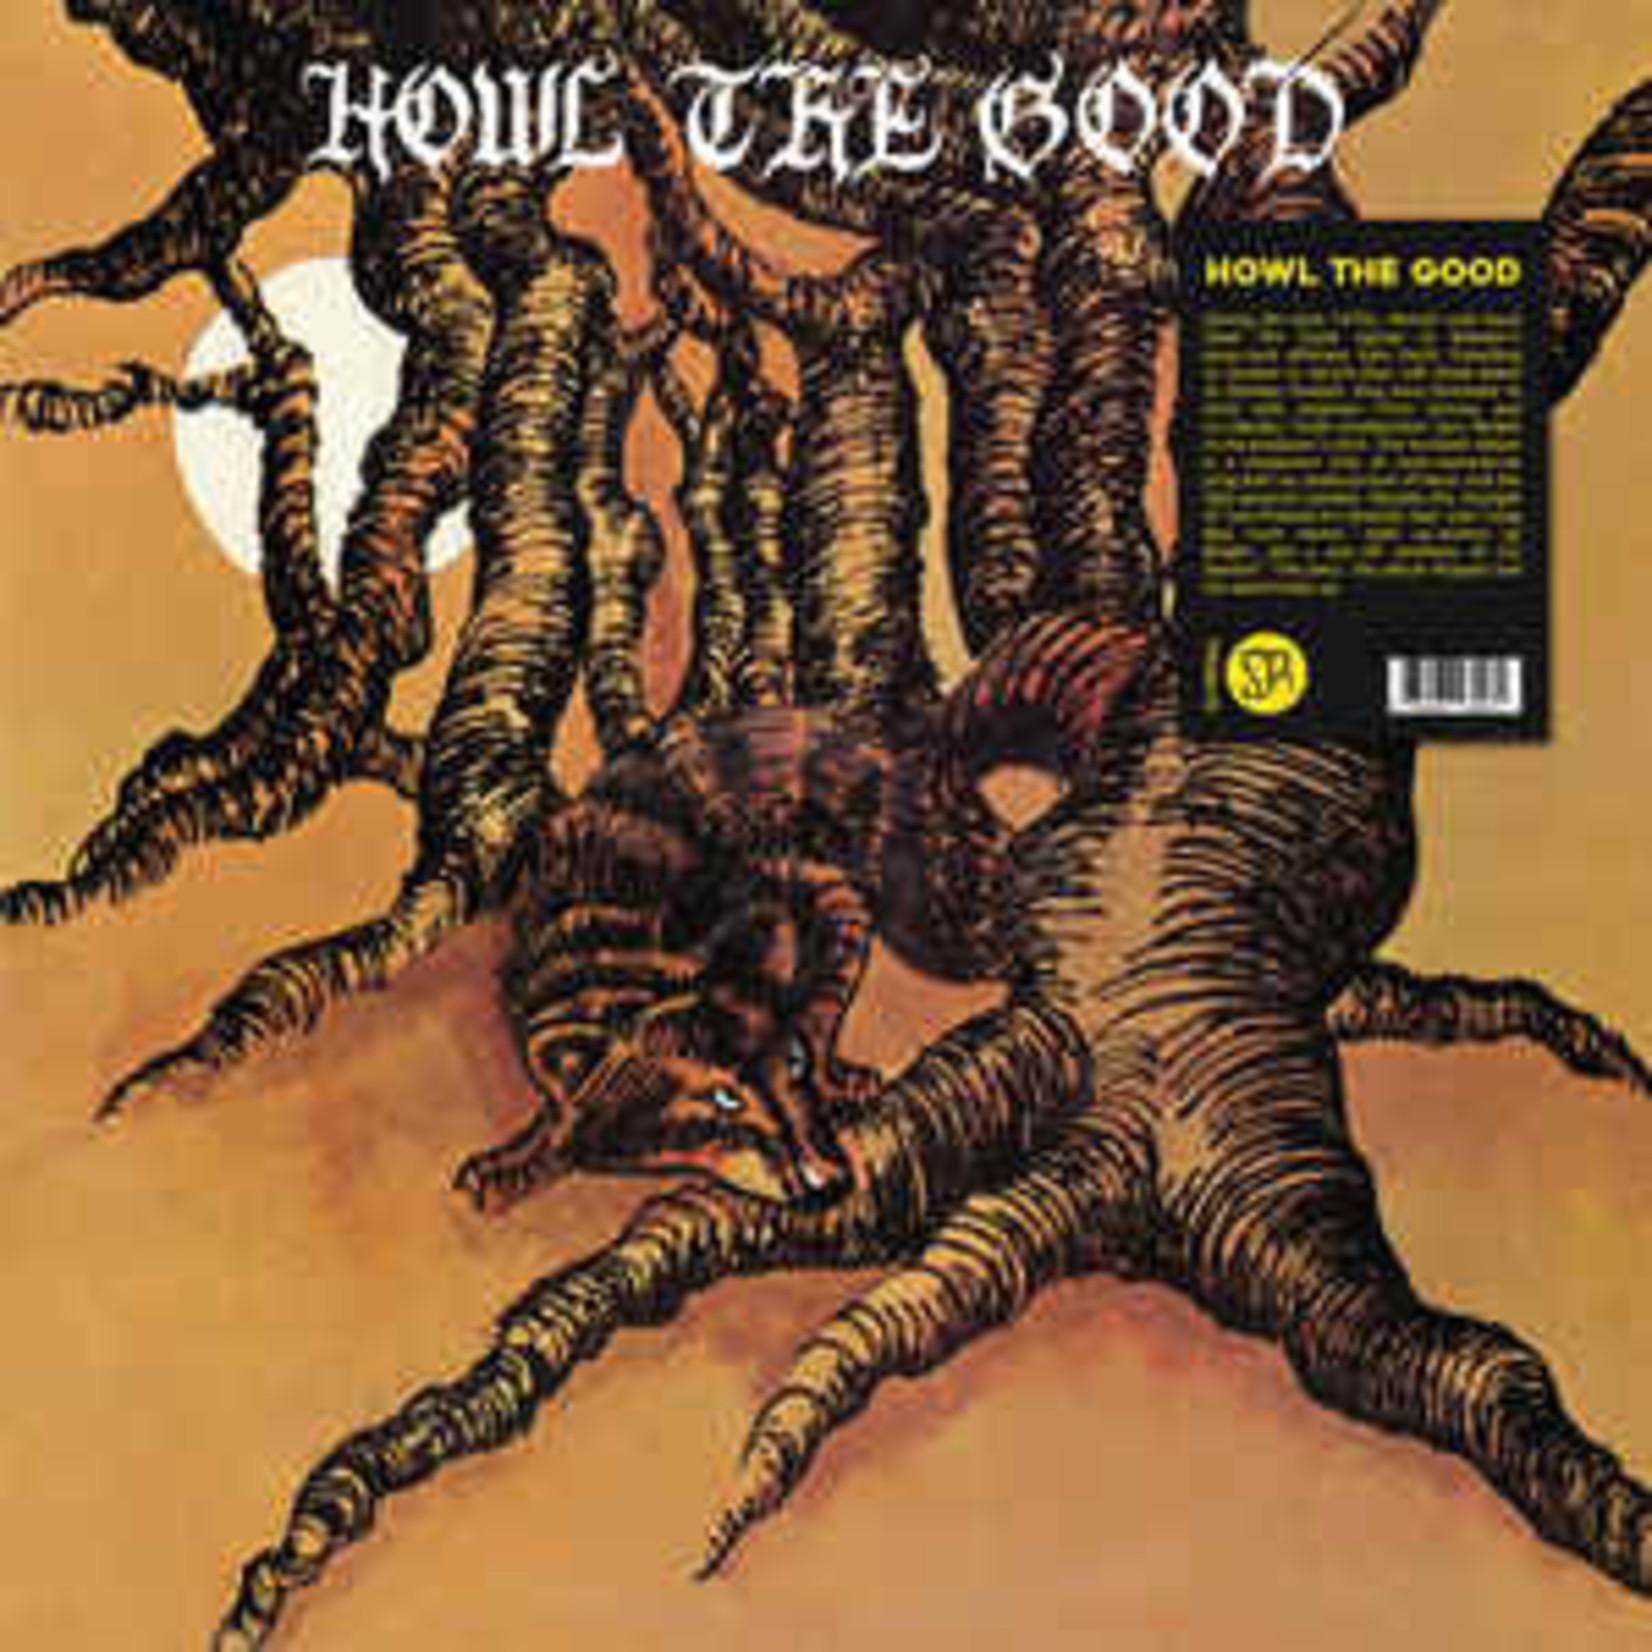 Vinyl Howl The Good - S/T